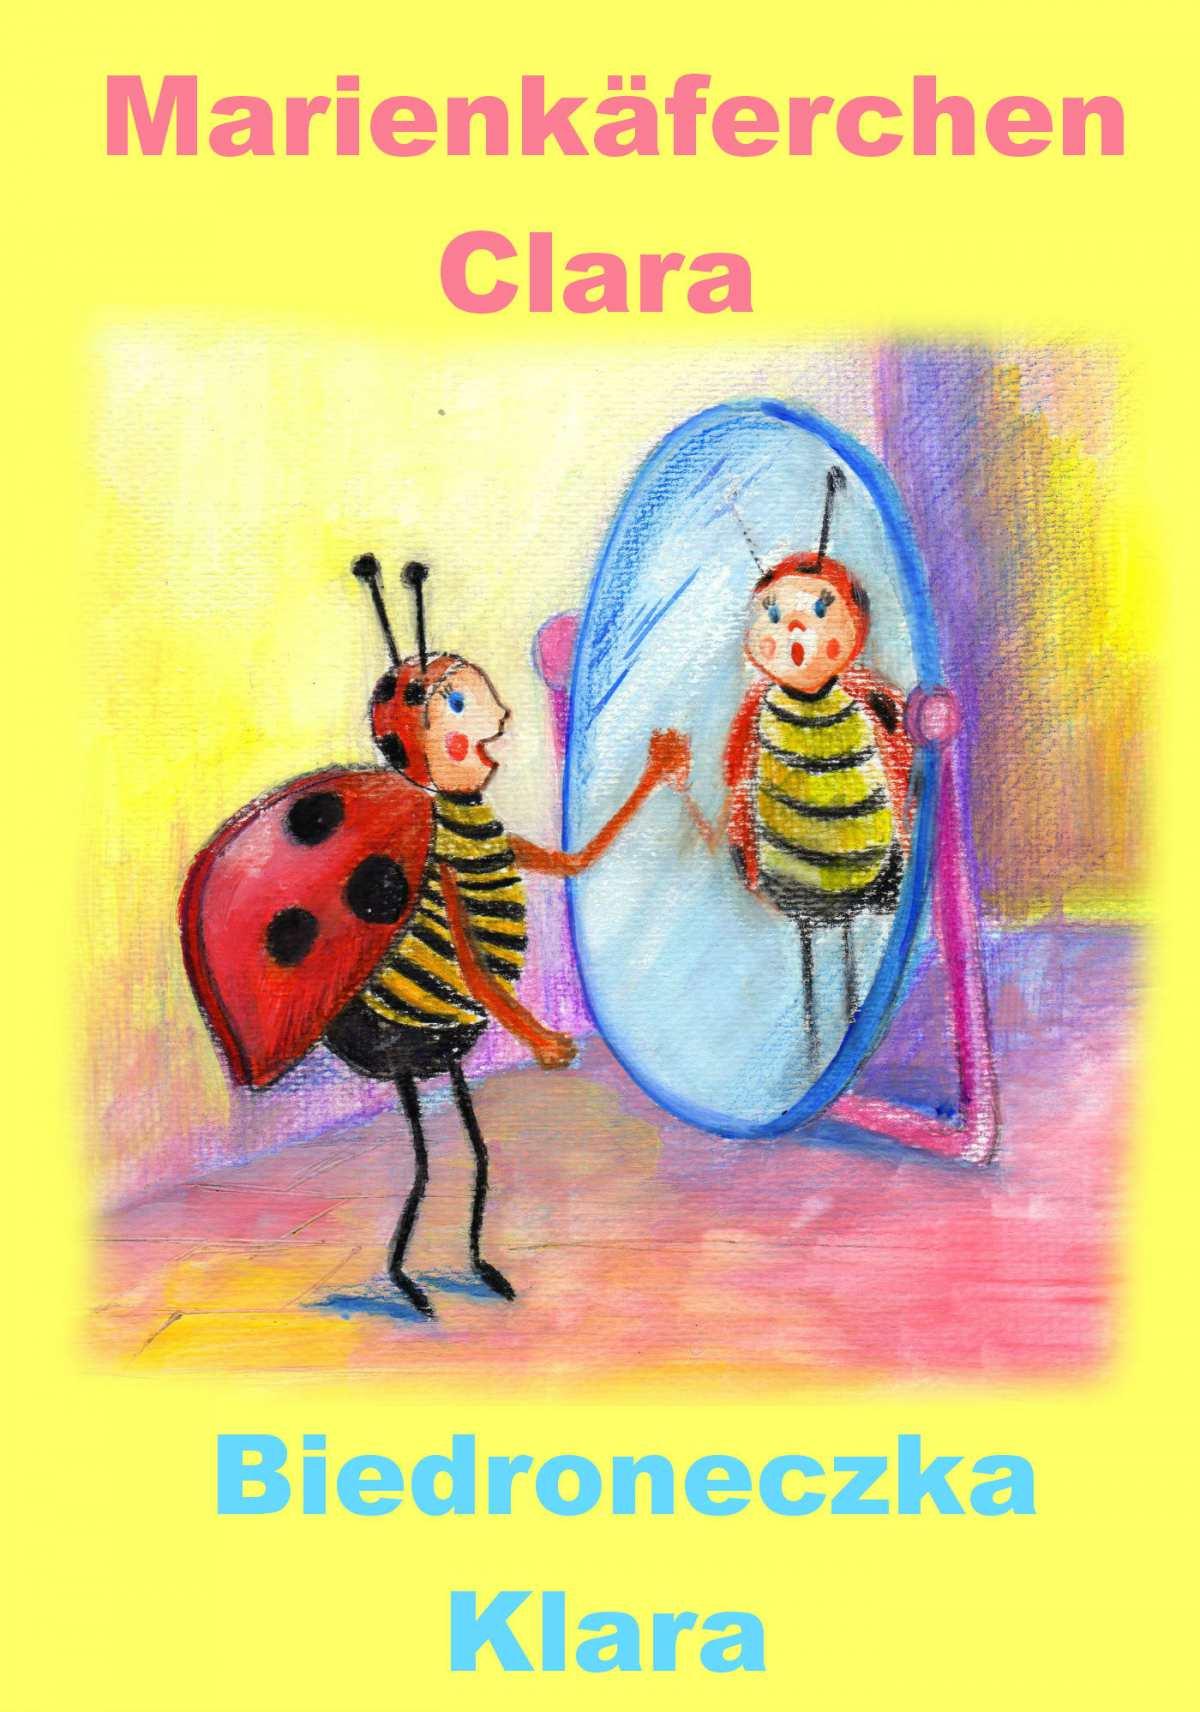 Niemiecki dla dzieci - bajka dwujęzyczna z ćwiczeniami. Marienkäferchen Clara - Biedroneczka Klara - Ebook (Książka PDF) do pobrania w formacie PDF